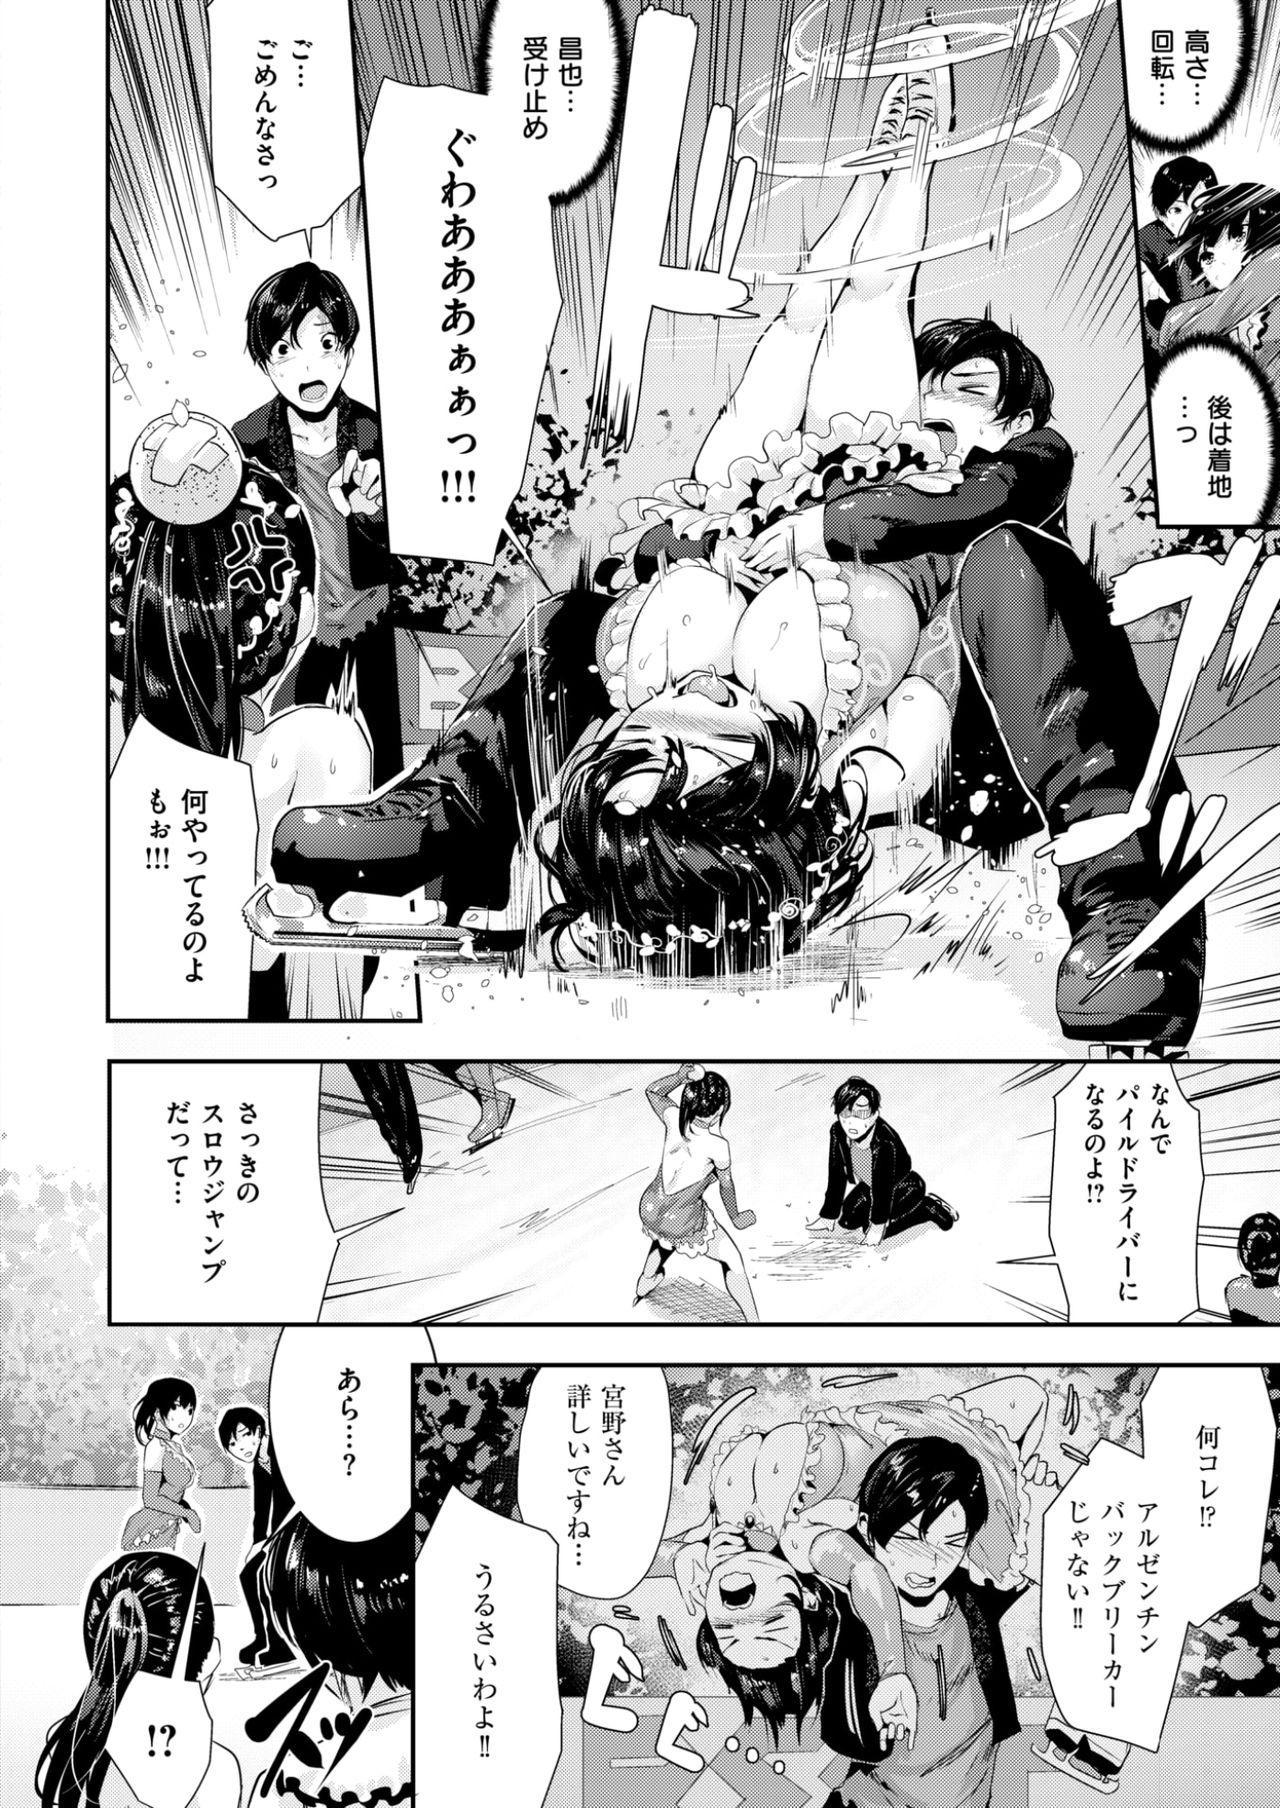 COMIC Kairakuten BEAST 2017-10 8